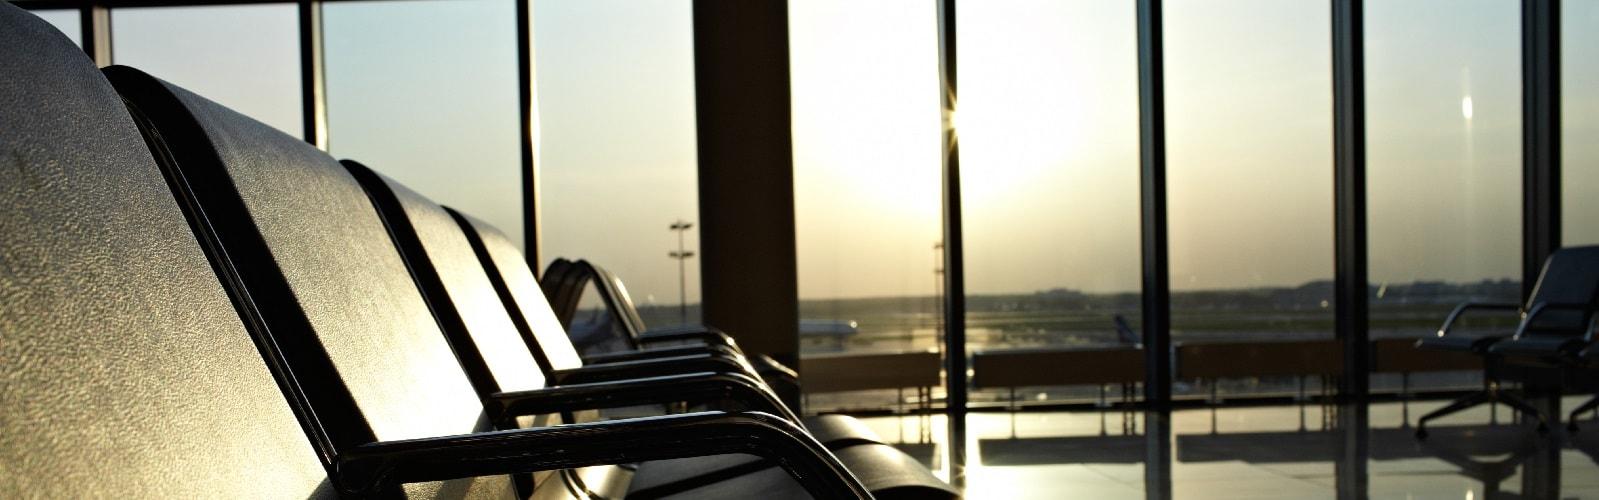 estacionamento aeroporto confins preço